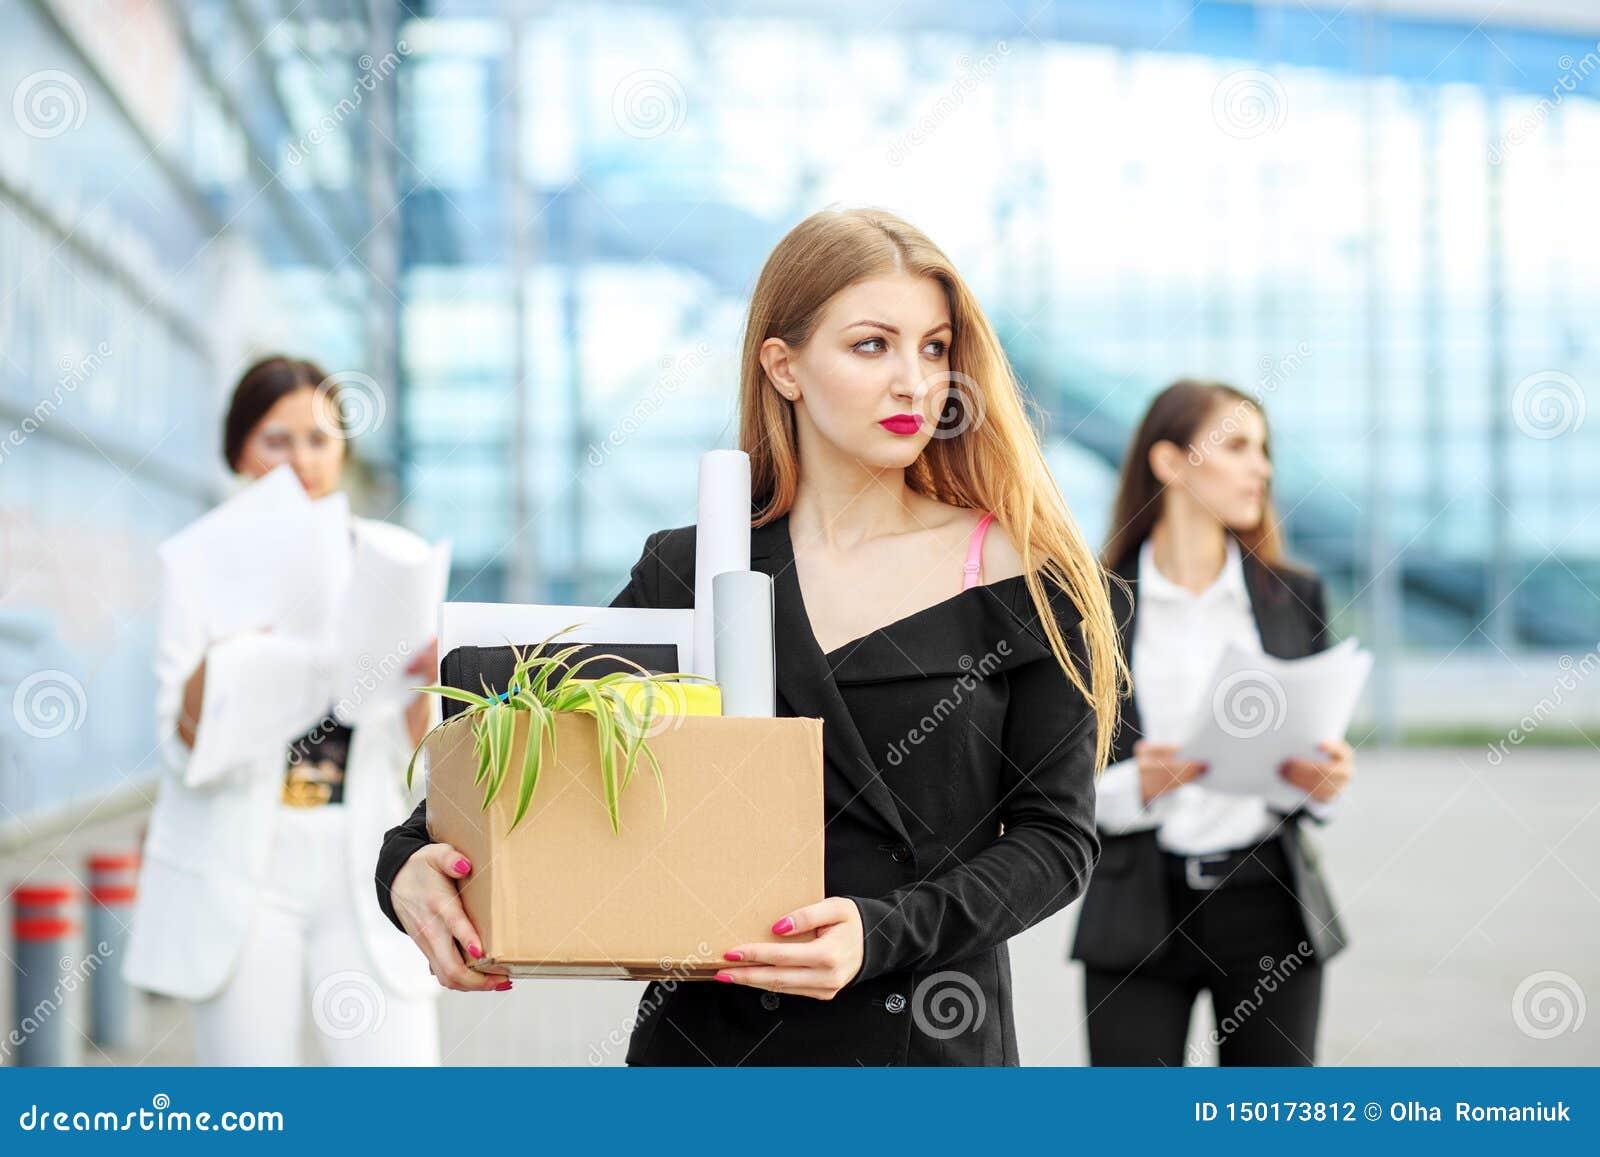 Encendieron al especialista joven de la sociedad El final de una carrera Concepto para el negocio, desempleo, intercambio de trab